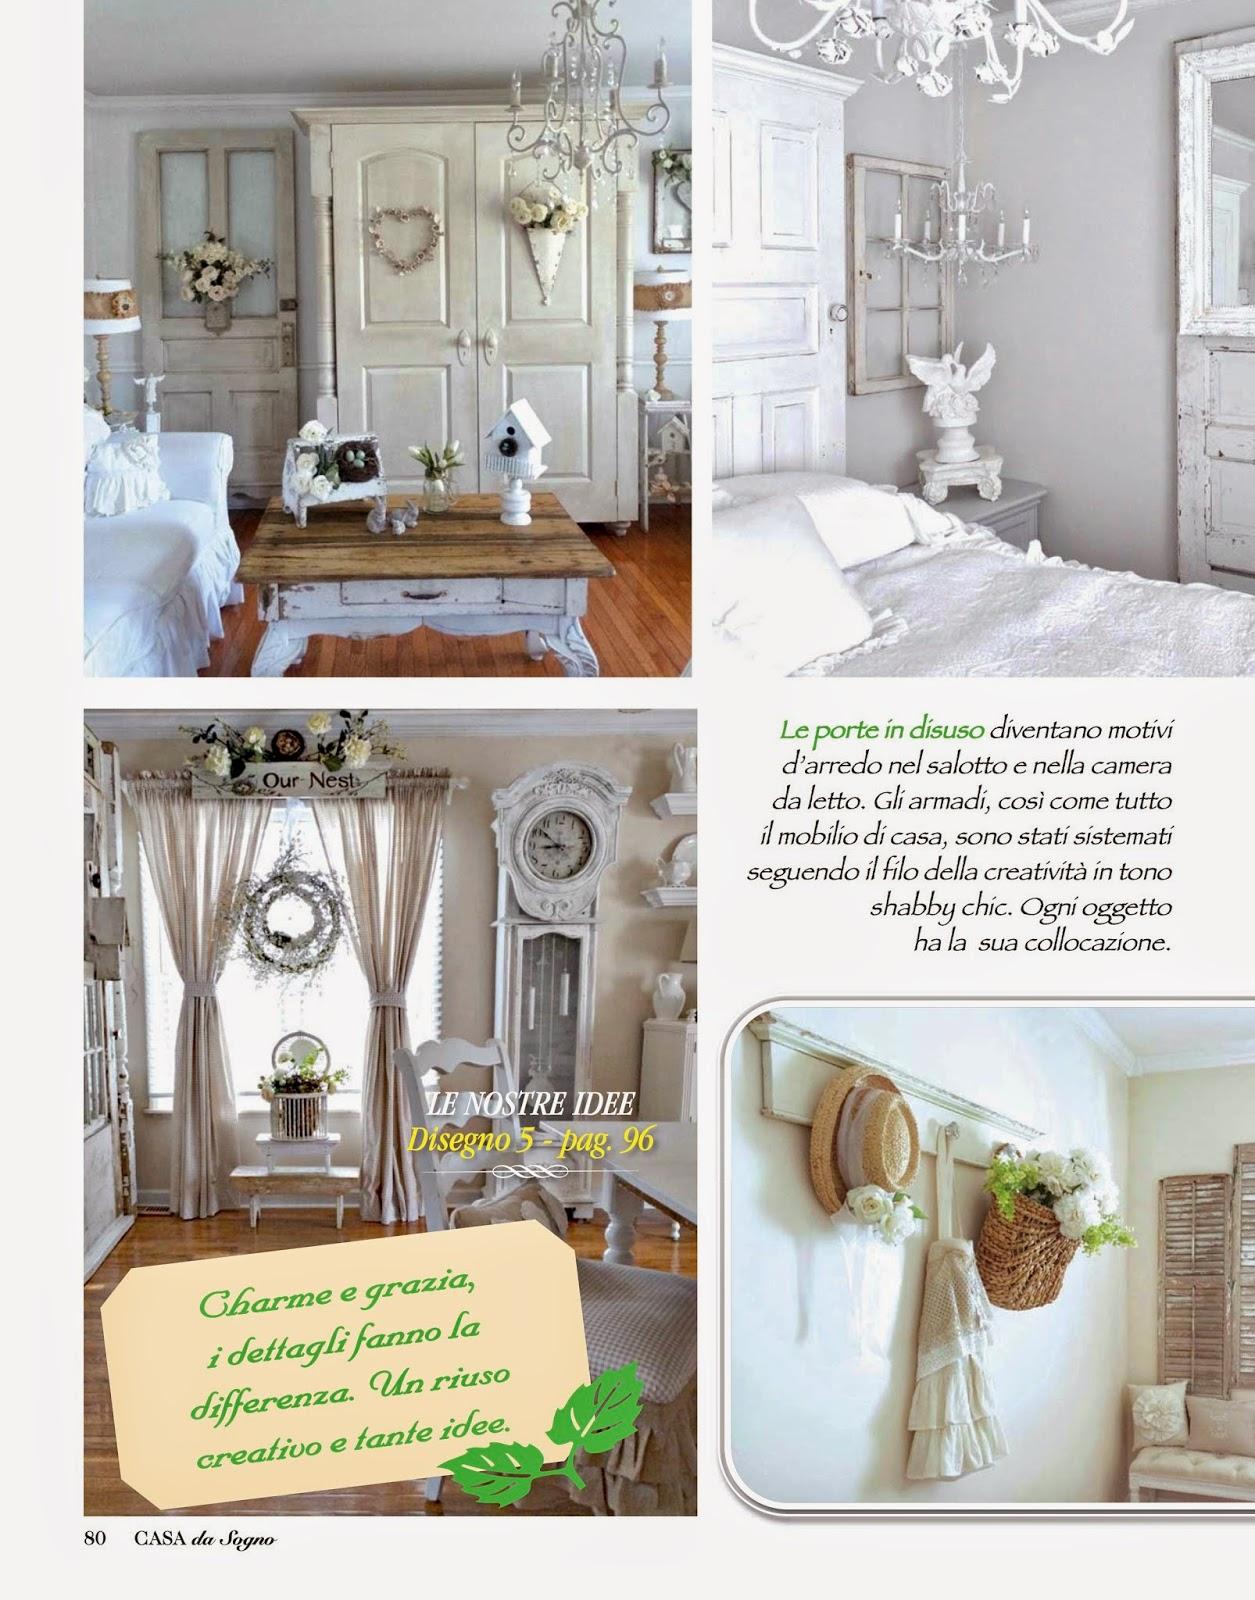 Junk chic cottage casa da sogno feature - Casa da sogno biancheria ...